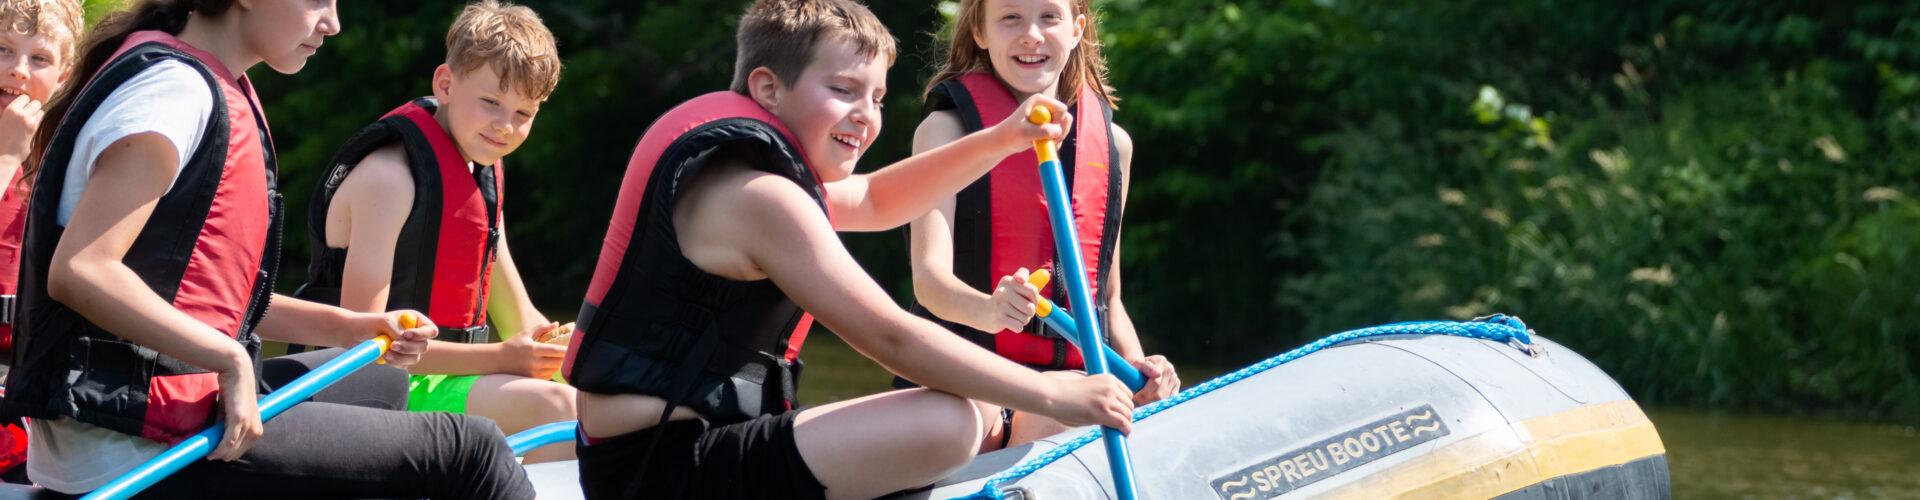 Junge Naturwächter beim Paddeln im Schlauchboot